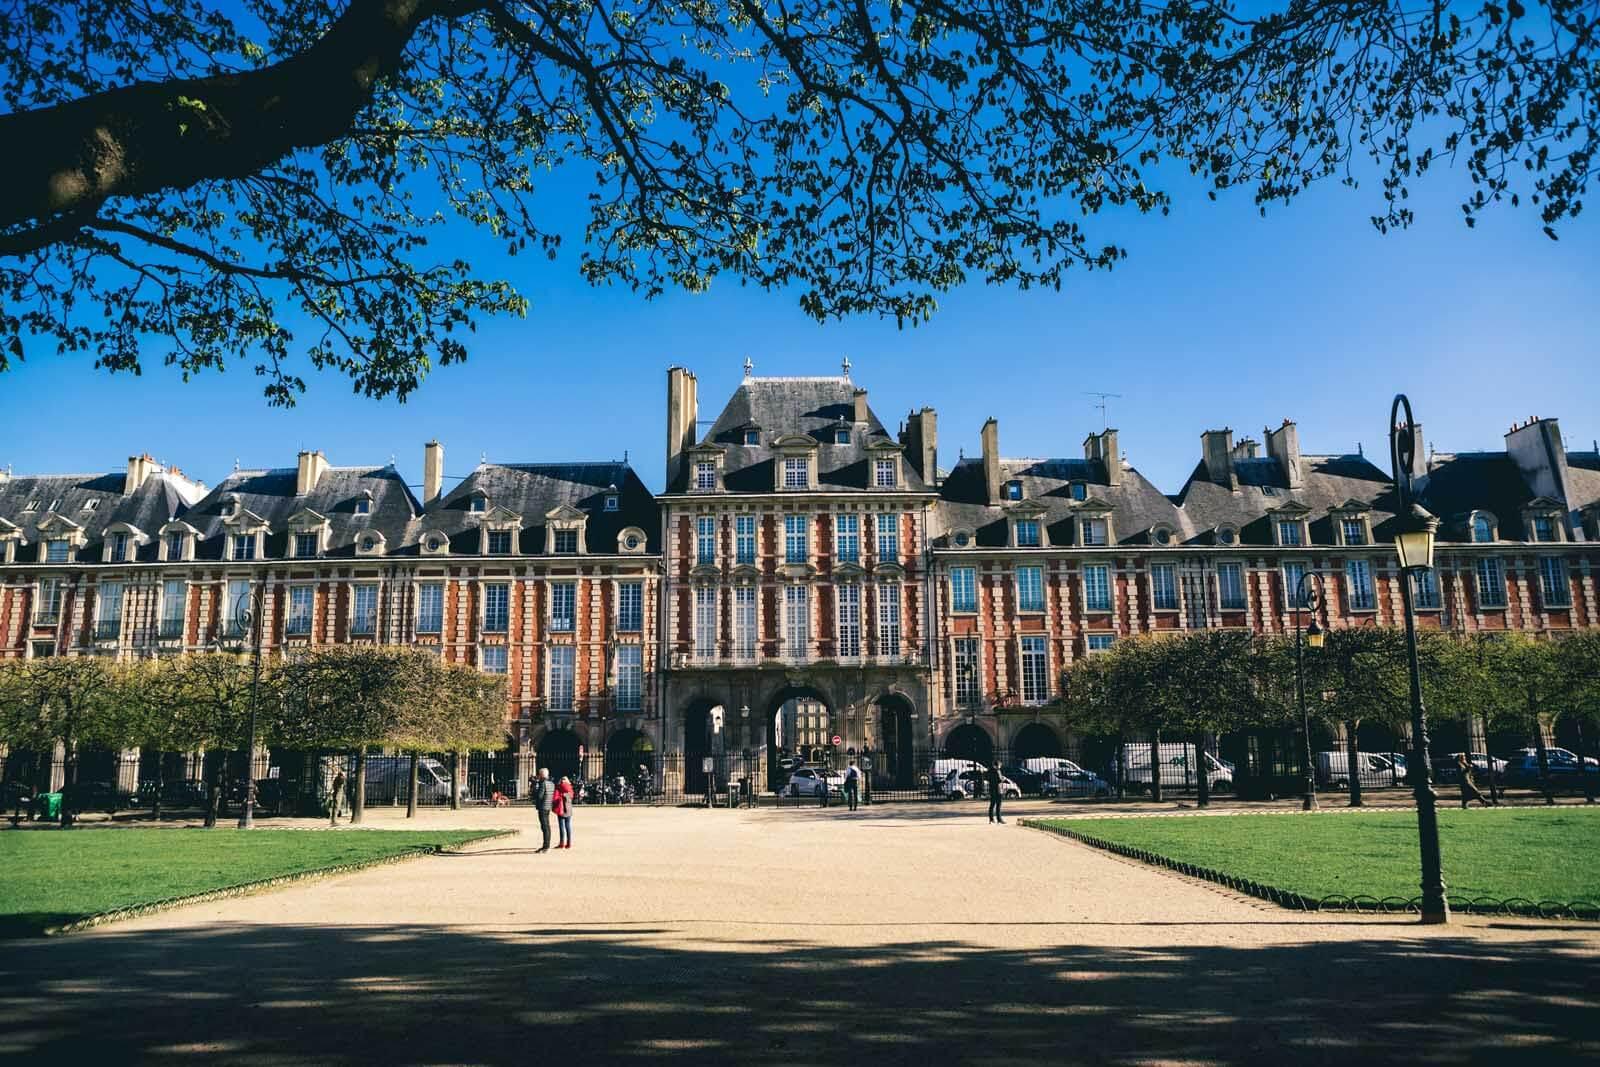 Place des Vosges in Le Marais Paris